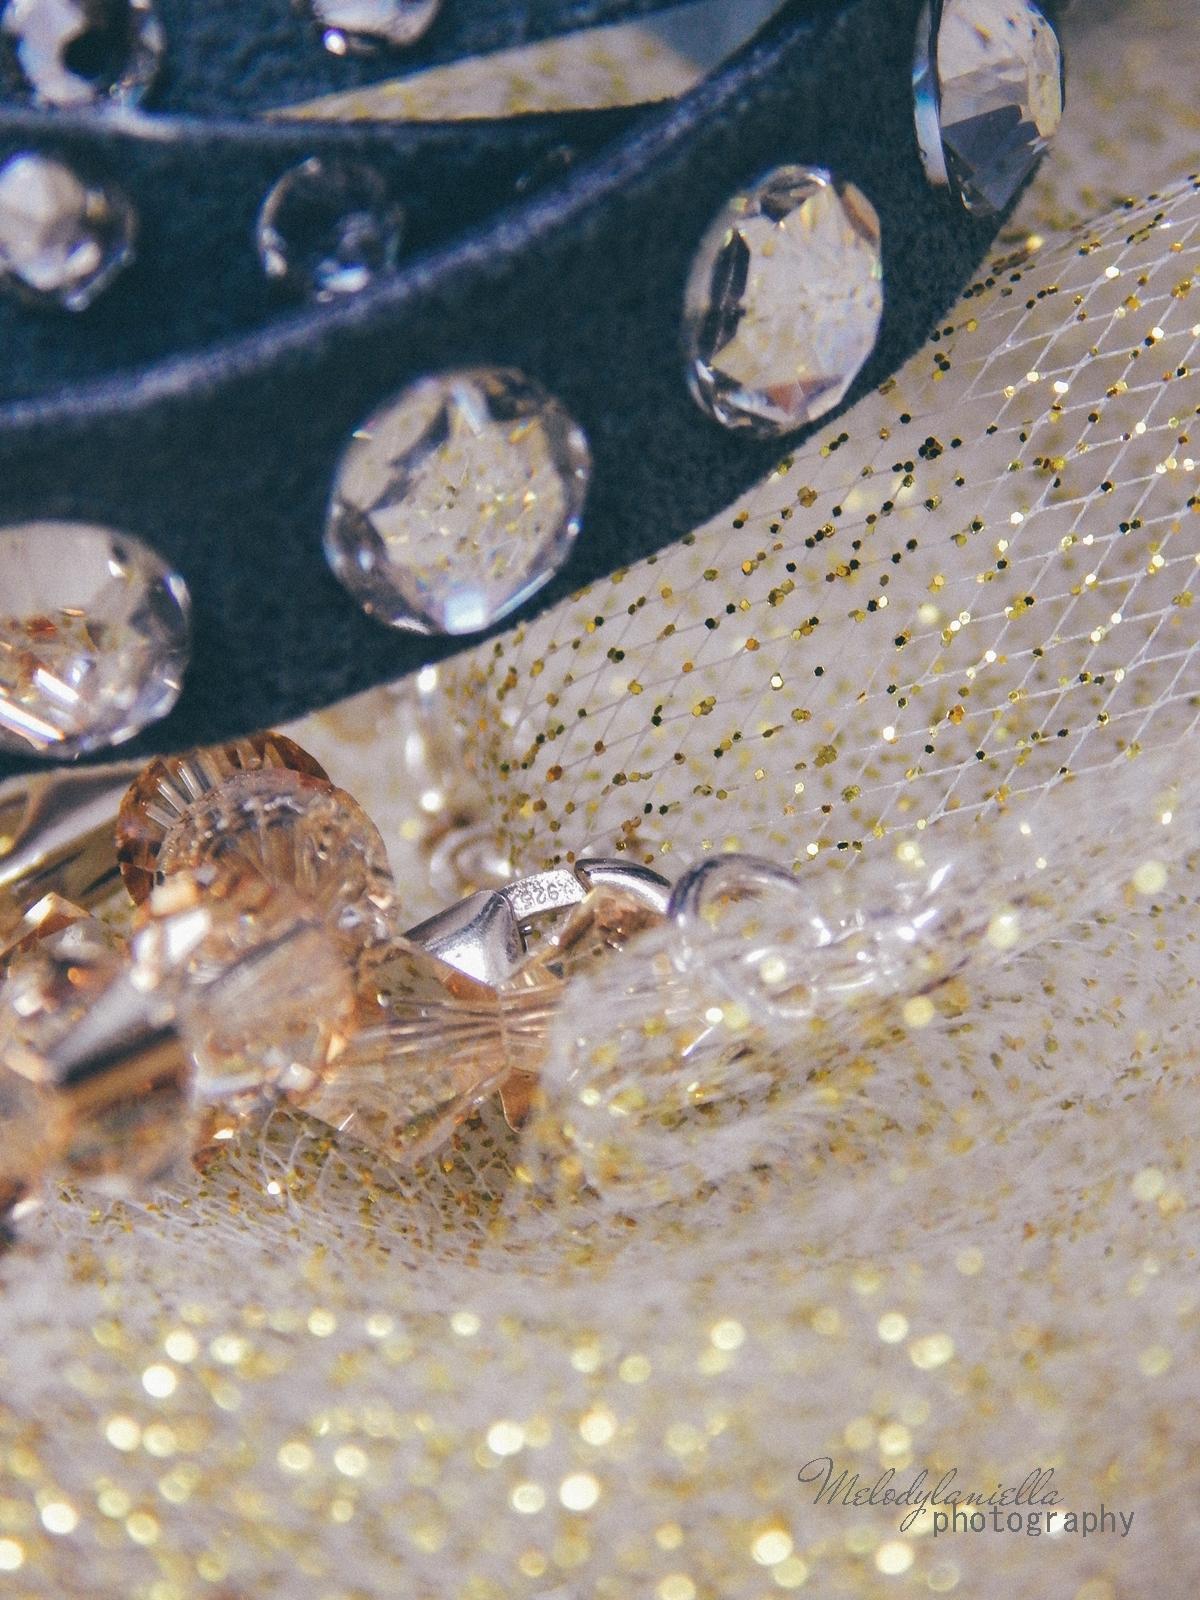 20 biżuteria M piotrowski recenzje kryształy swarovski przegląd opinie recenzje jak dobrać biżuterie modna biżuteria stylowe dodatki kryształy bransoletka z kokardką naszyjnik z kokardą złoto srebro fashion